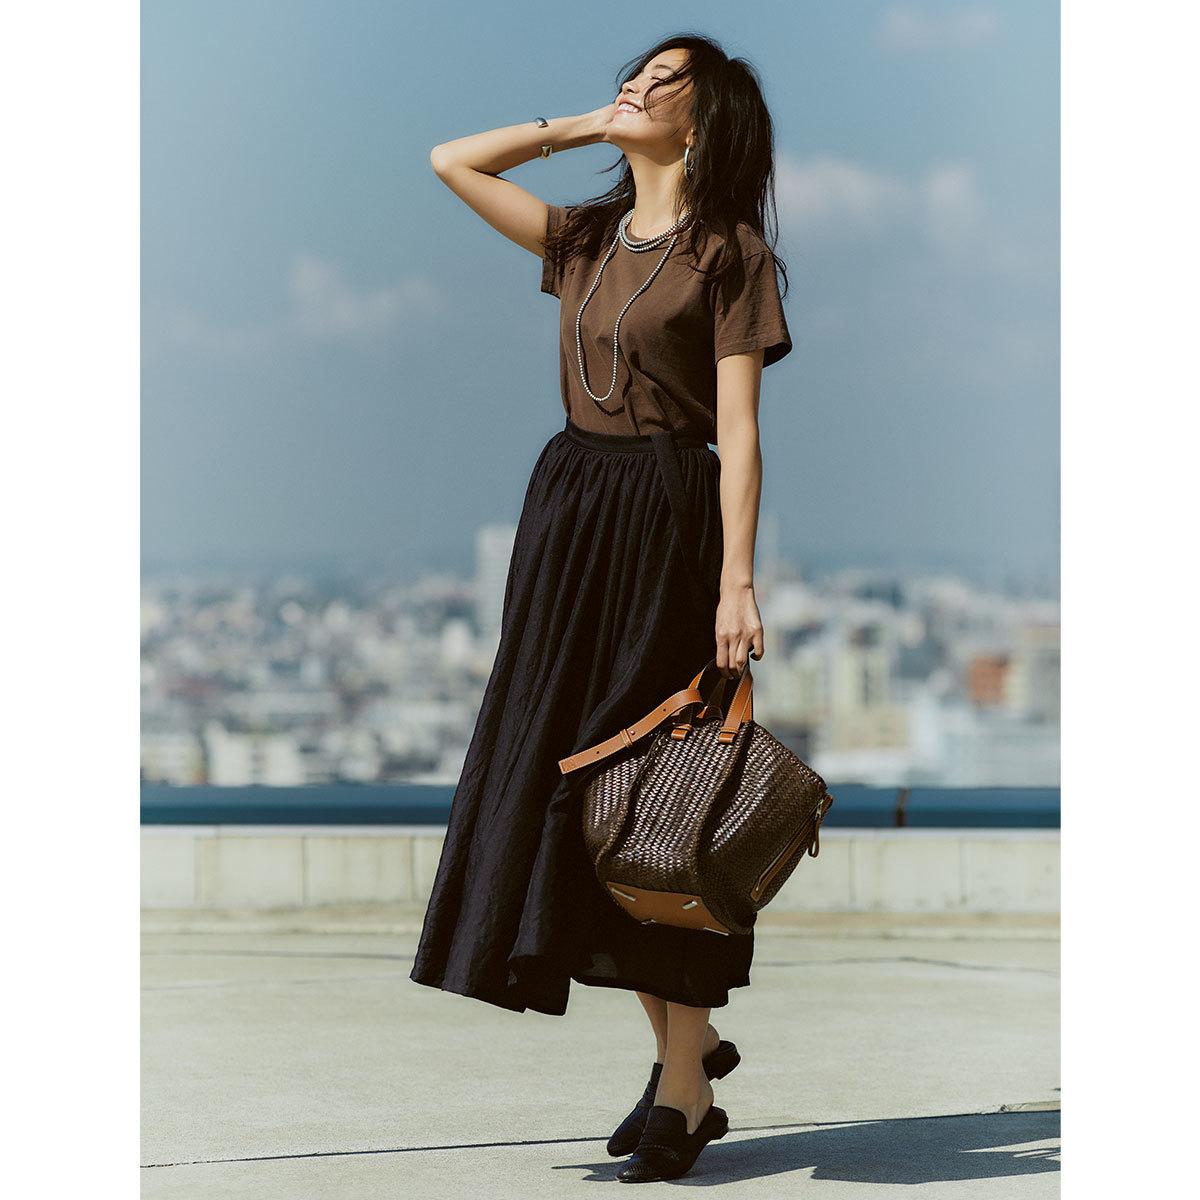 ブラウンのTシャツ×黒スカートのモノトーンコーデ